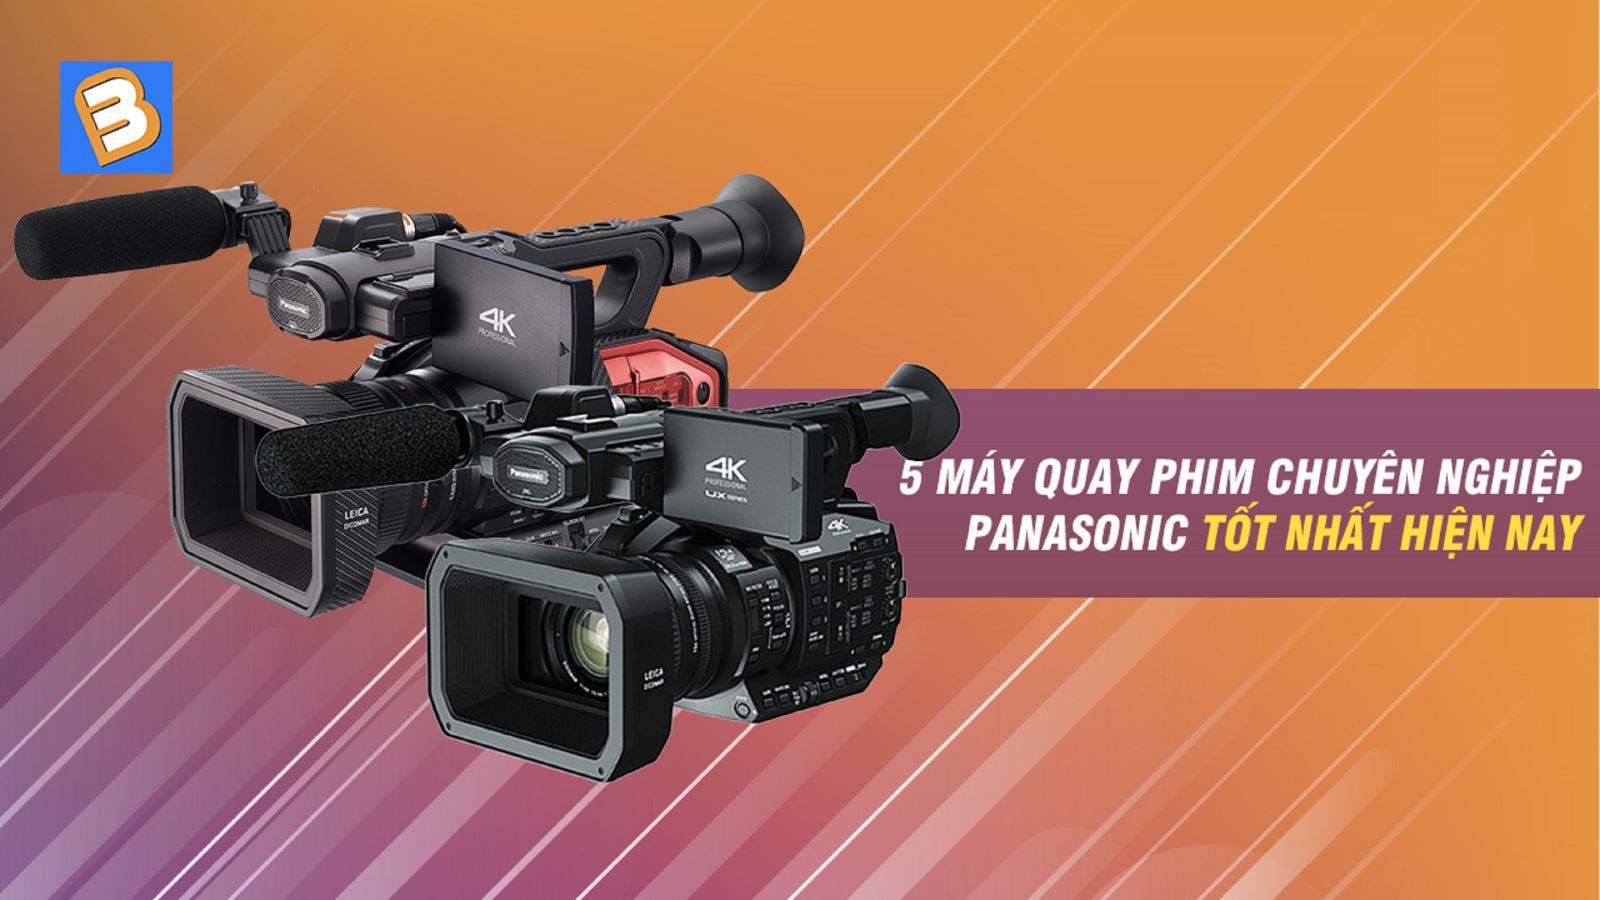 5máy quay phimchuyên nghiệp Panasonic tốt nhất hiện nay